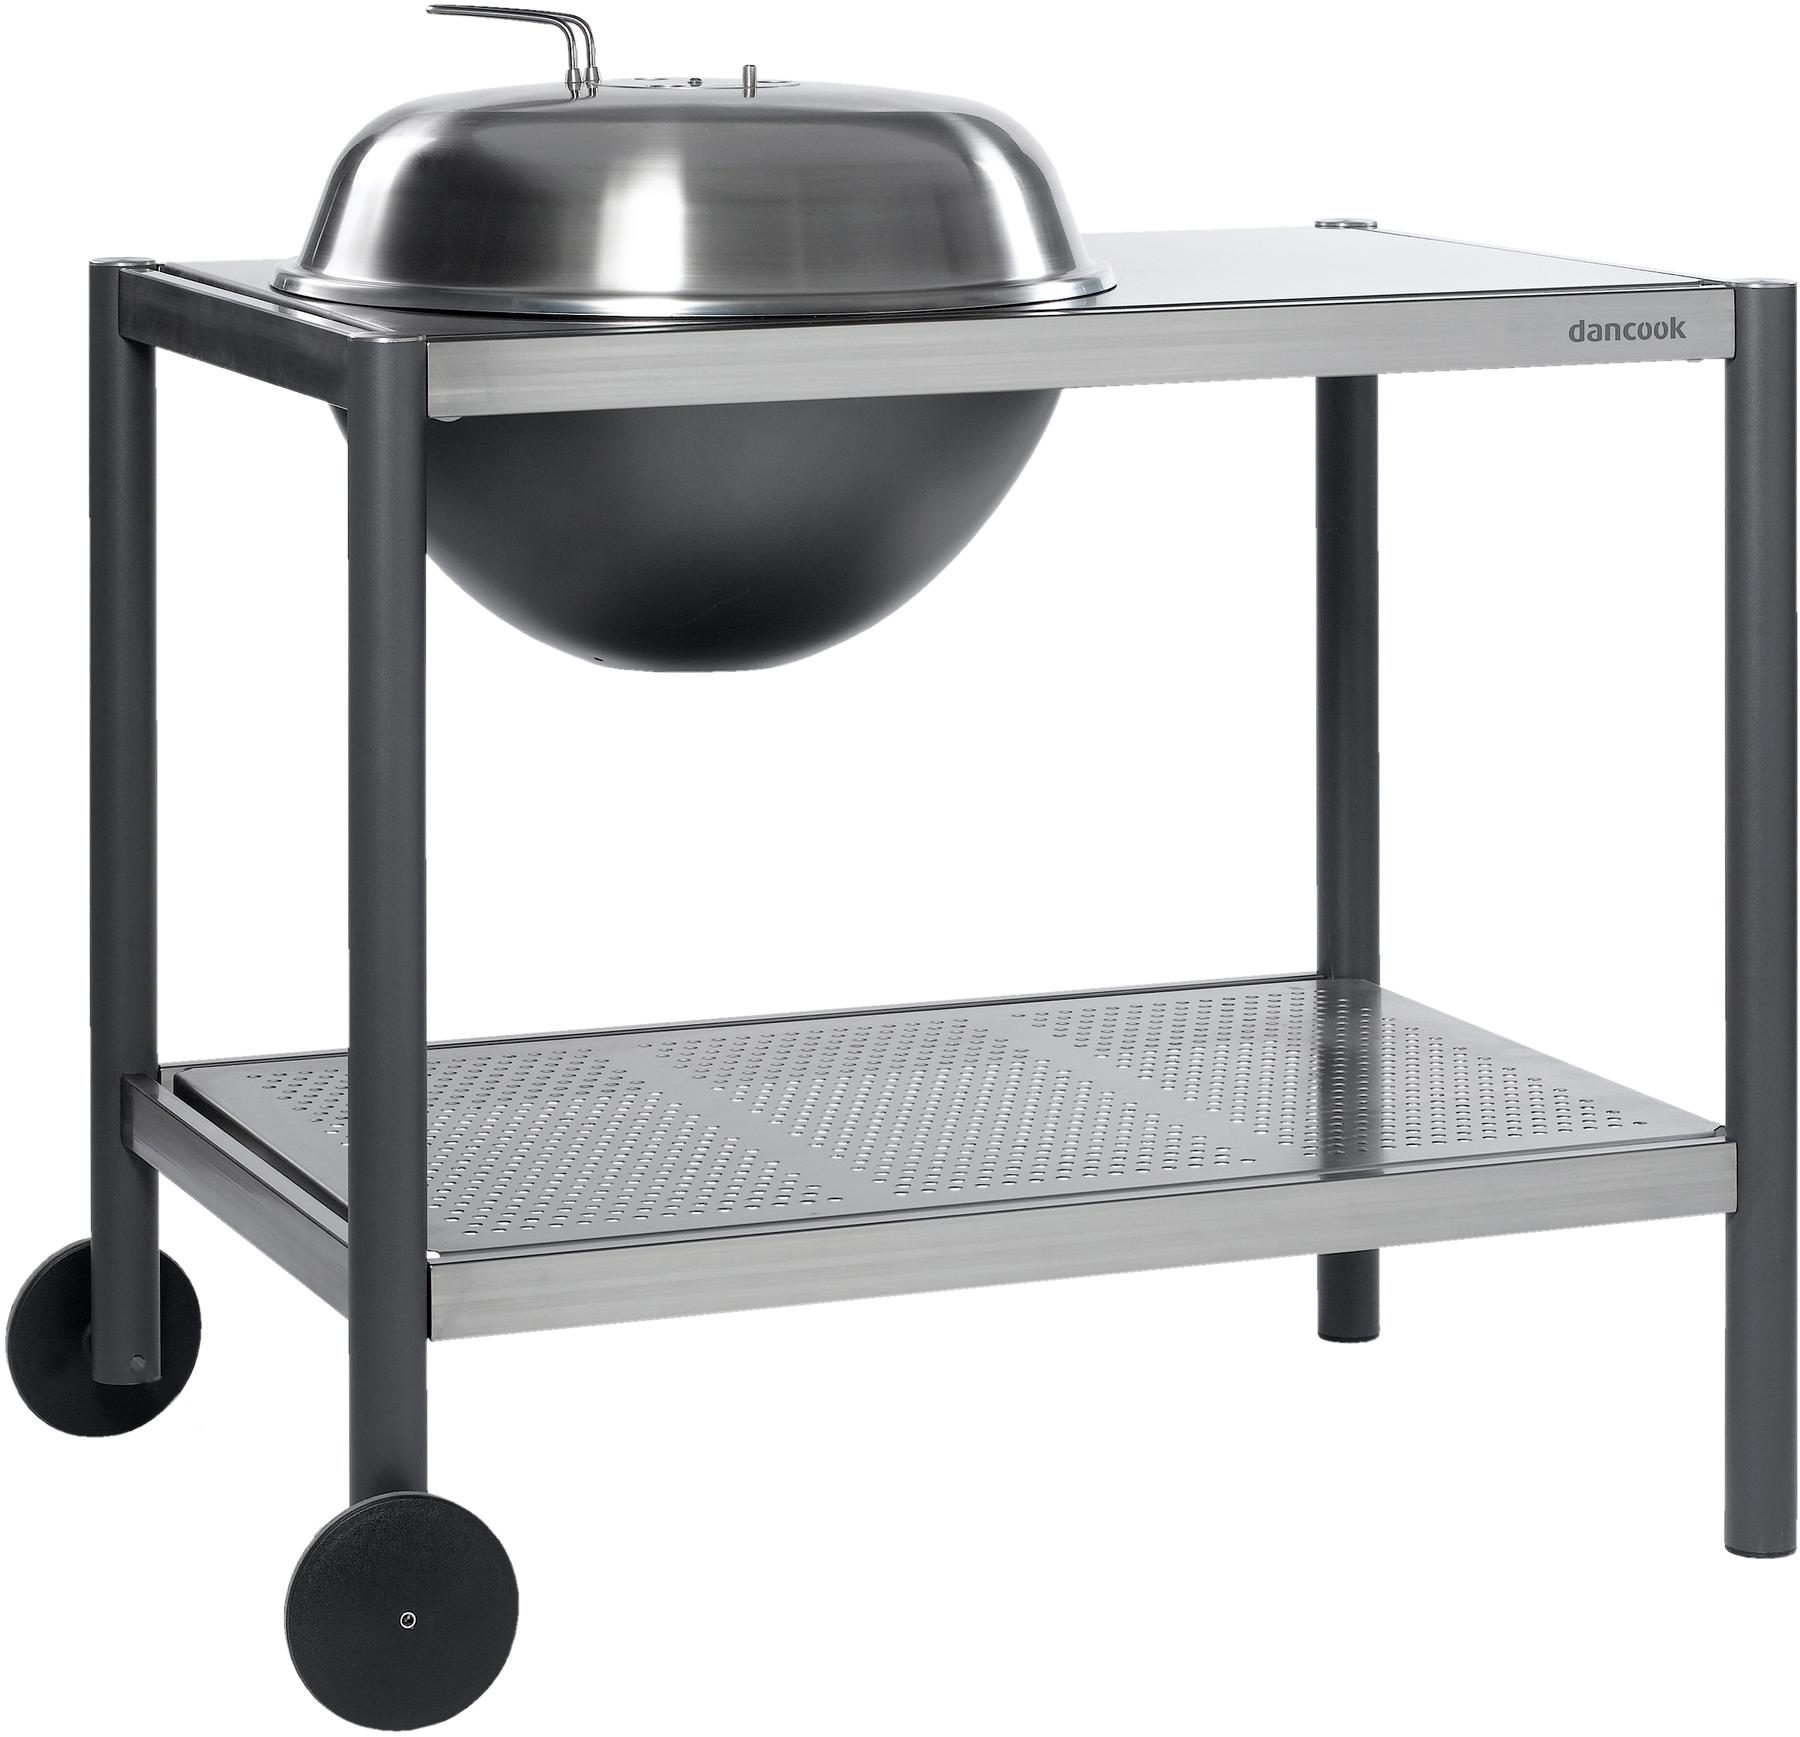 Outdoorküche | Grill & BBQ | Demmelhuber.net